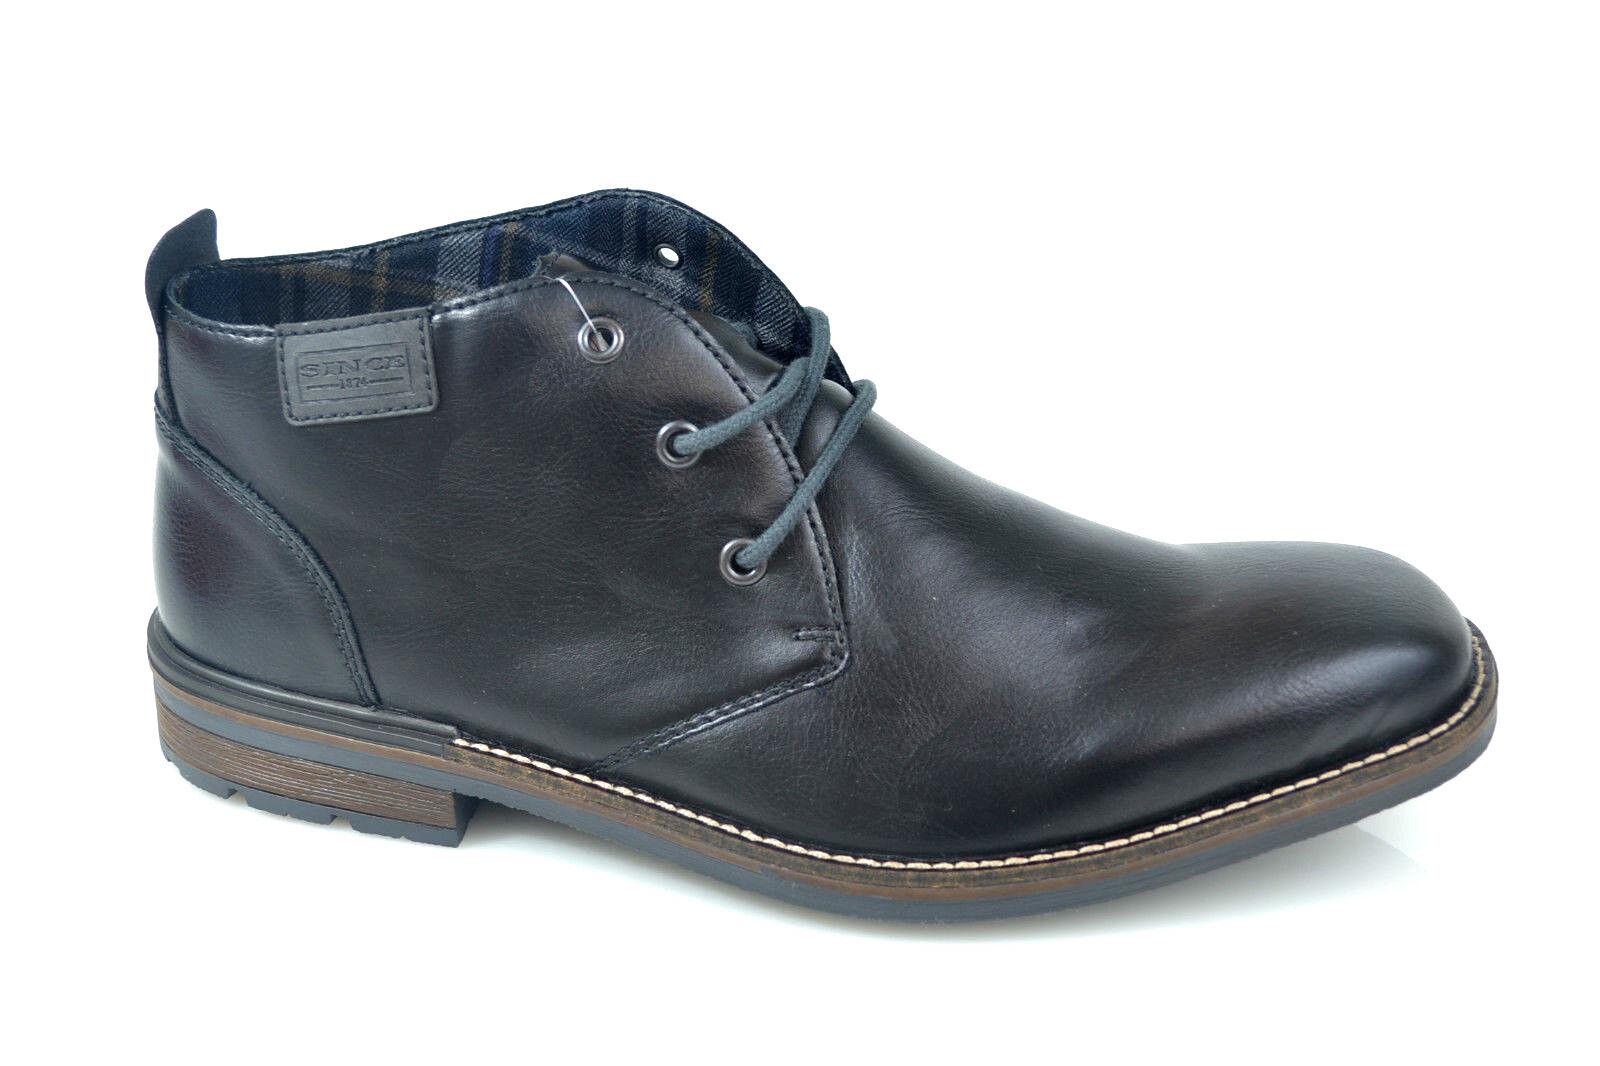 Rieker Comfort Uomo Boots Stivali Scarpe Alla Moda Nero NUOVO Taglia 41 - 46 NUOVO Nero 4b0b35